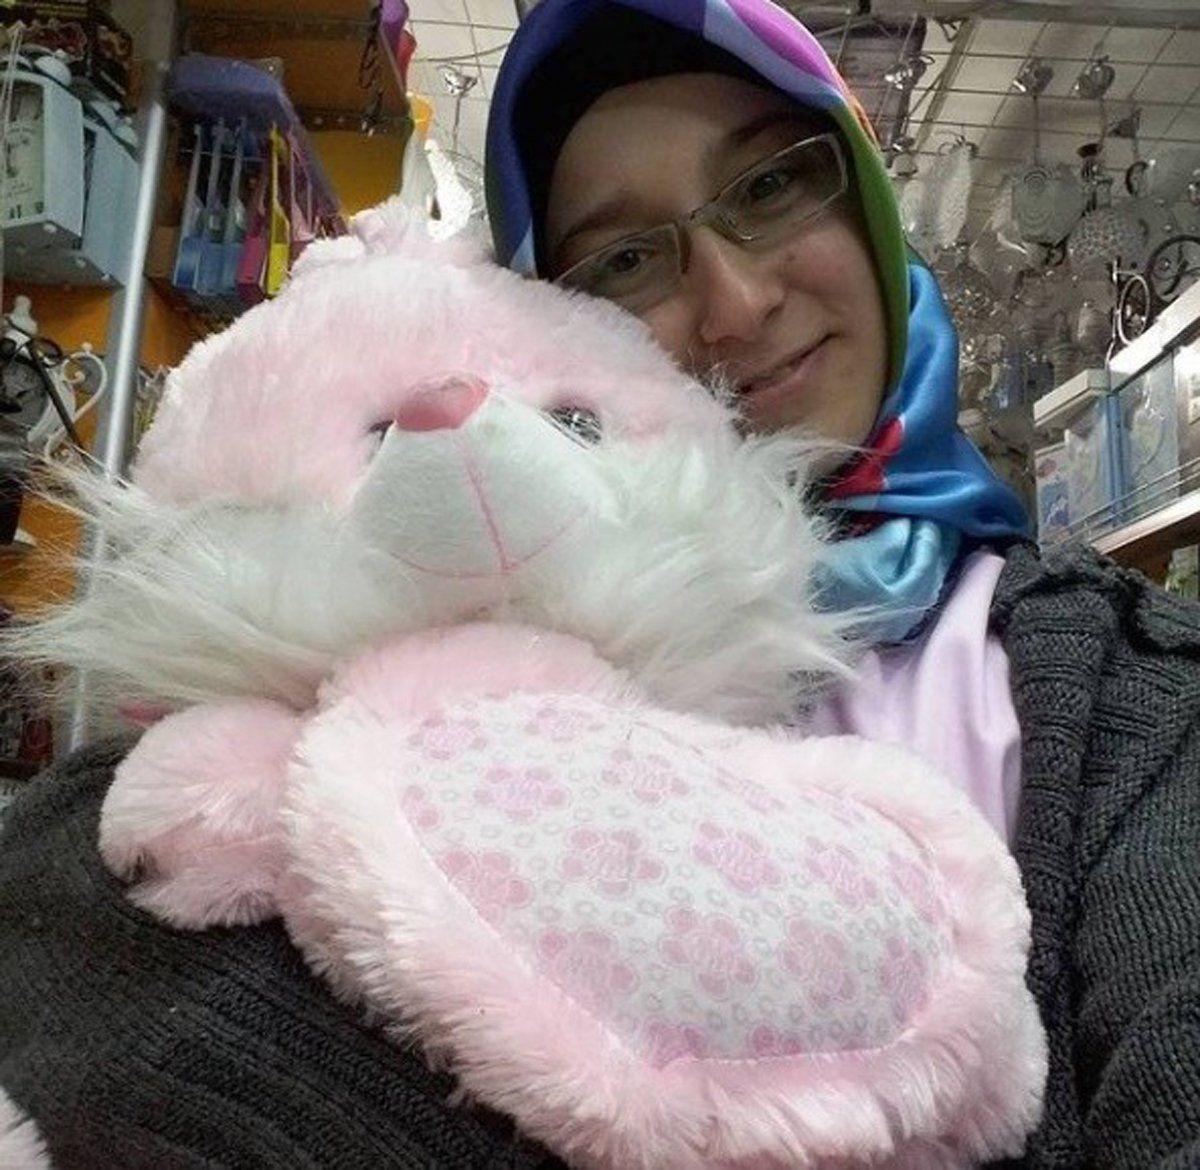 Genç kadın, eski erkek arkadaşı tarafından kalbinden vurularak öldürüldü - Sayfa 3